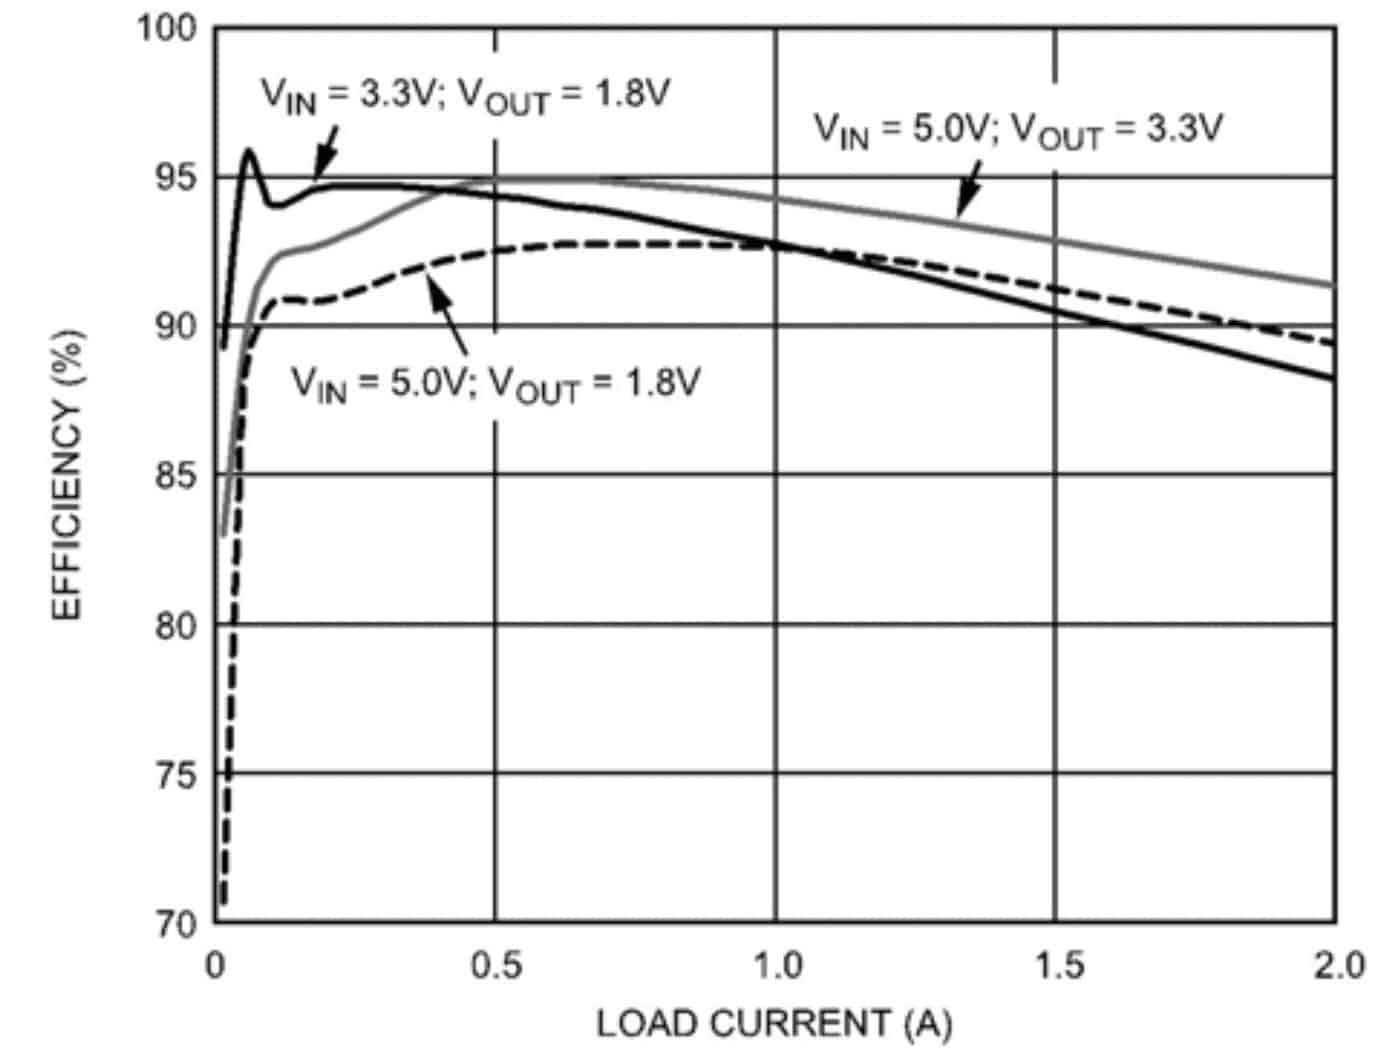 图 3. 开关调节器的典型效率